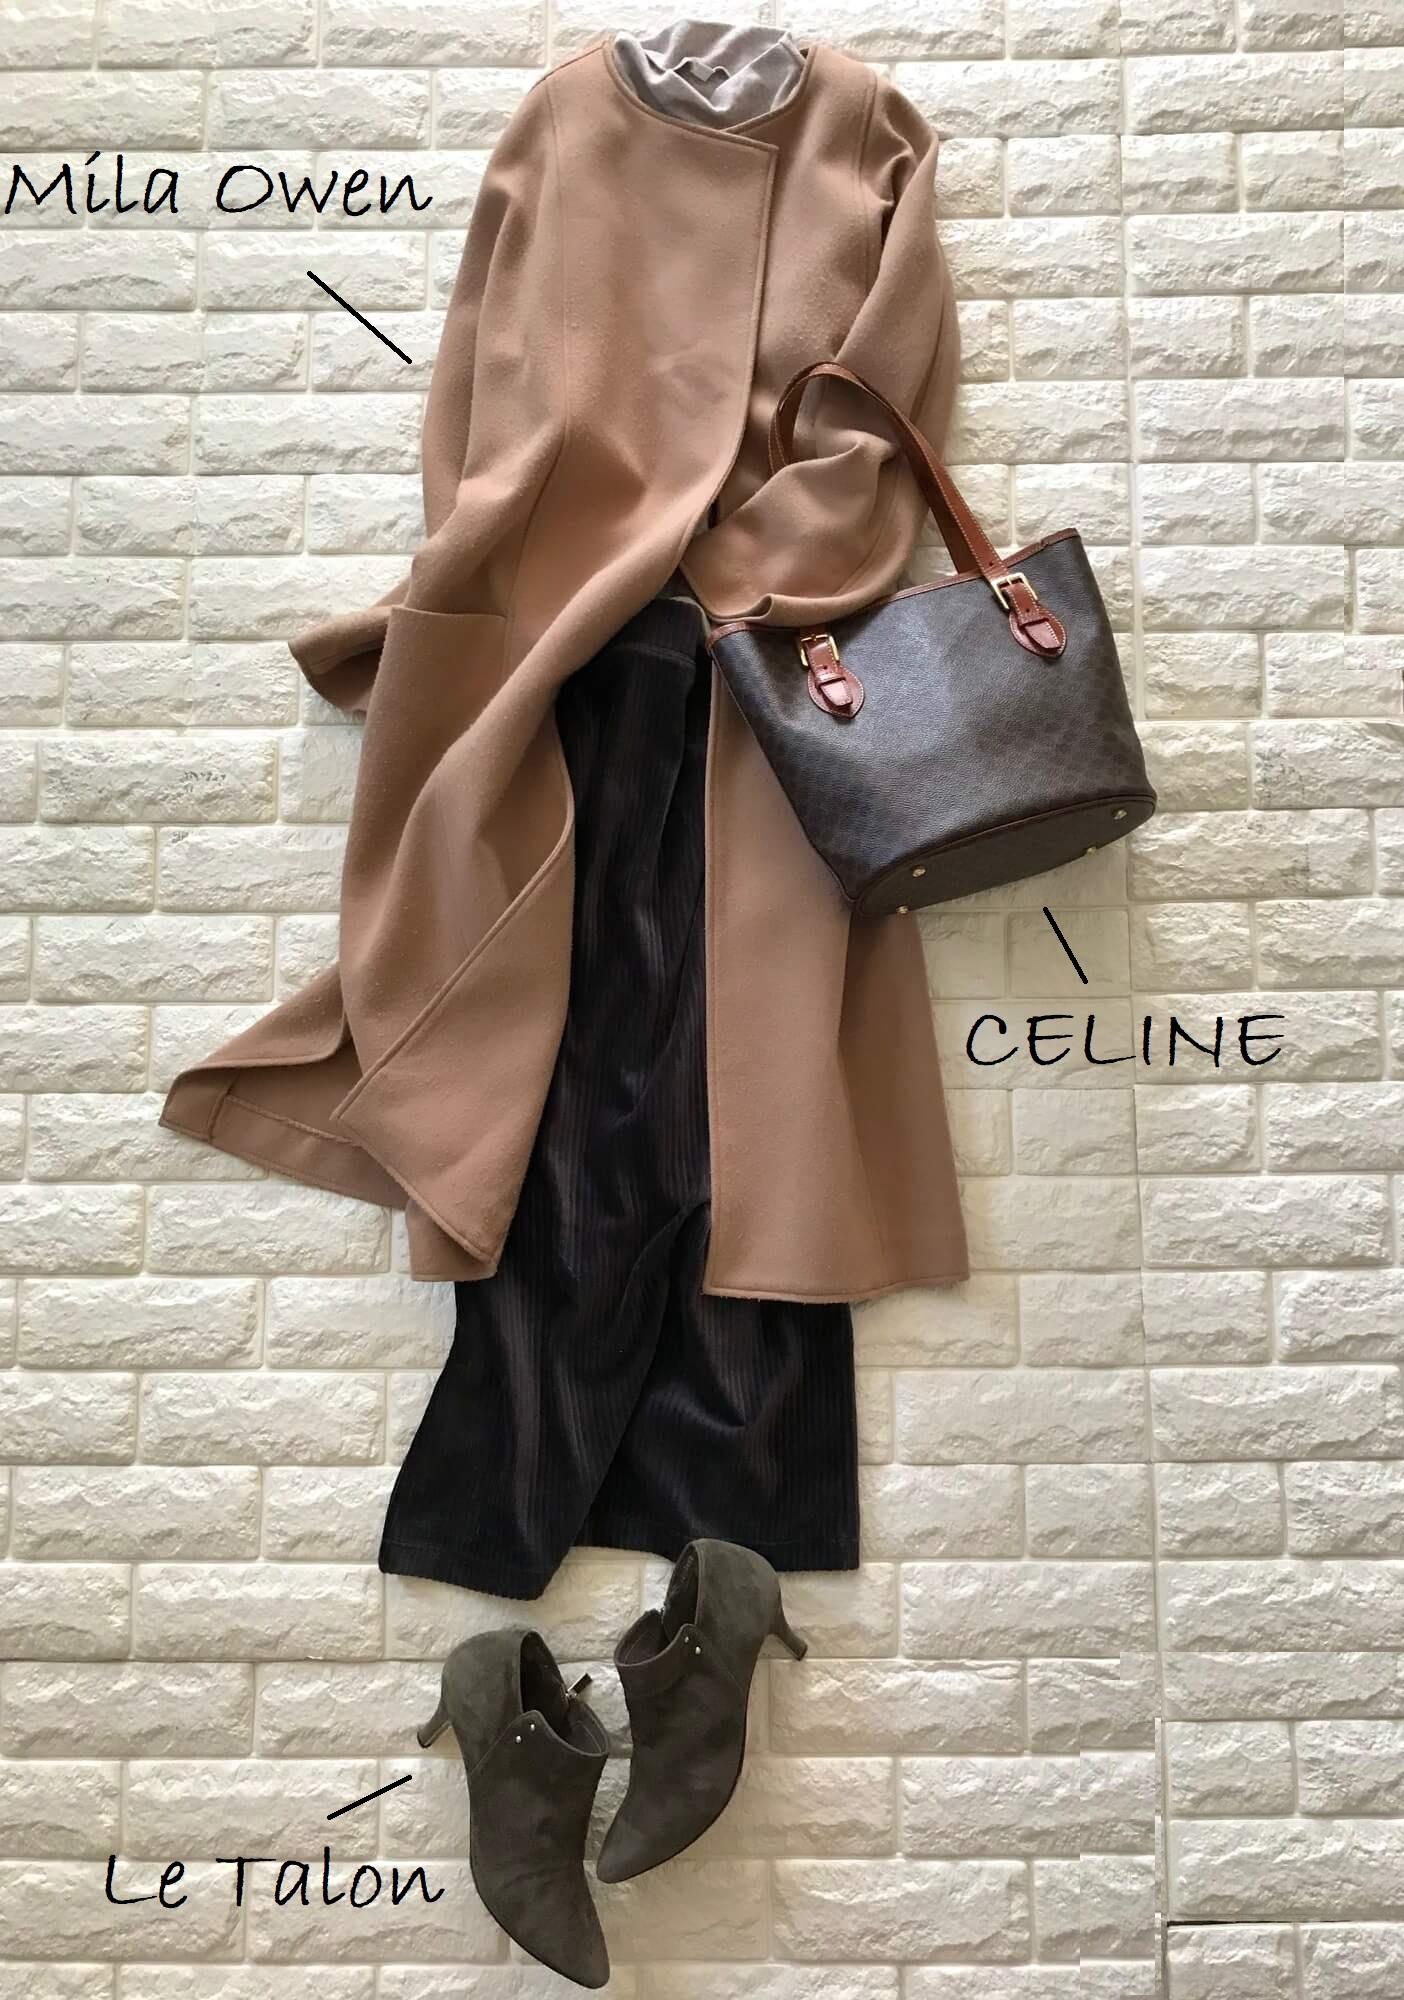 ユニクロのコーデュロイスカートとセリーヌのバッグを合わせた画像